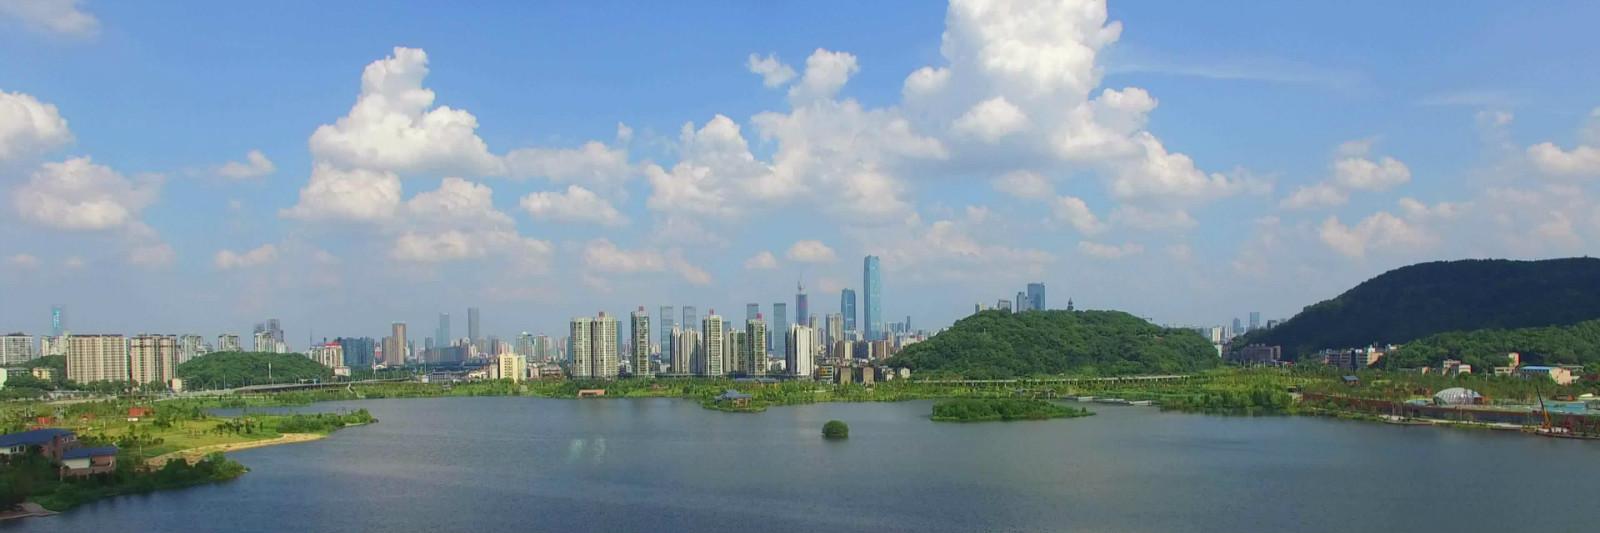 西湖文化園綜合整治工程